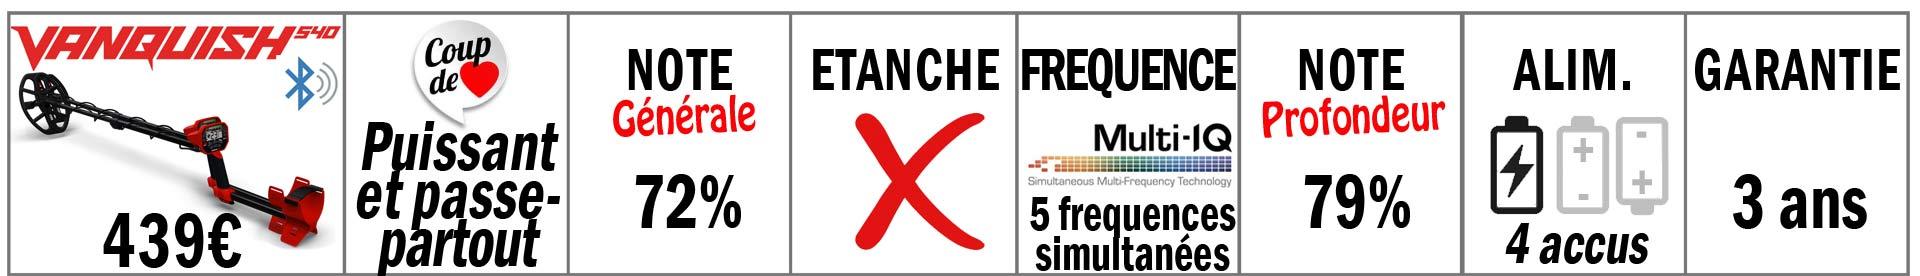 meilleur détecteur à 500 euros, le vanquish 540 de minelab